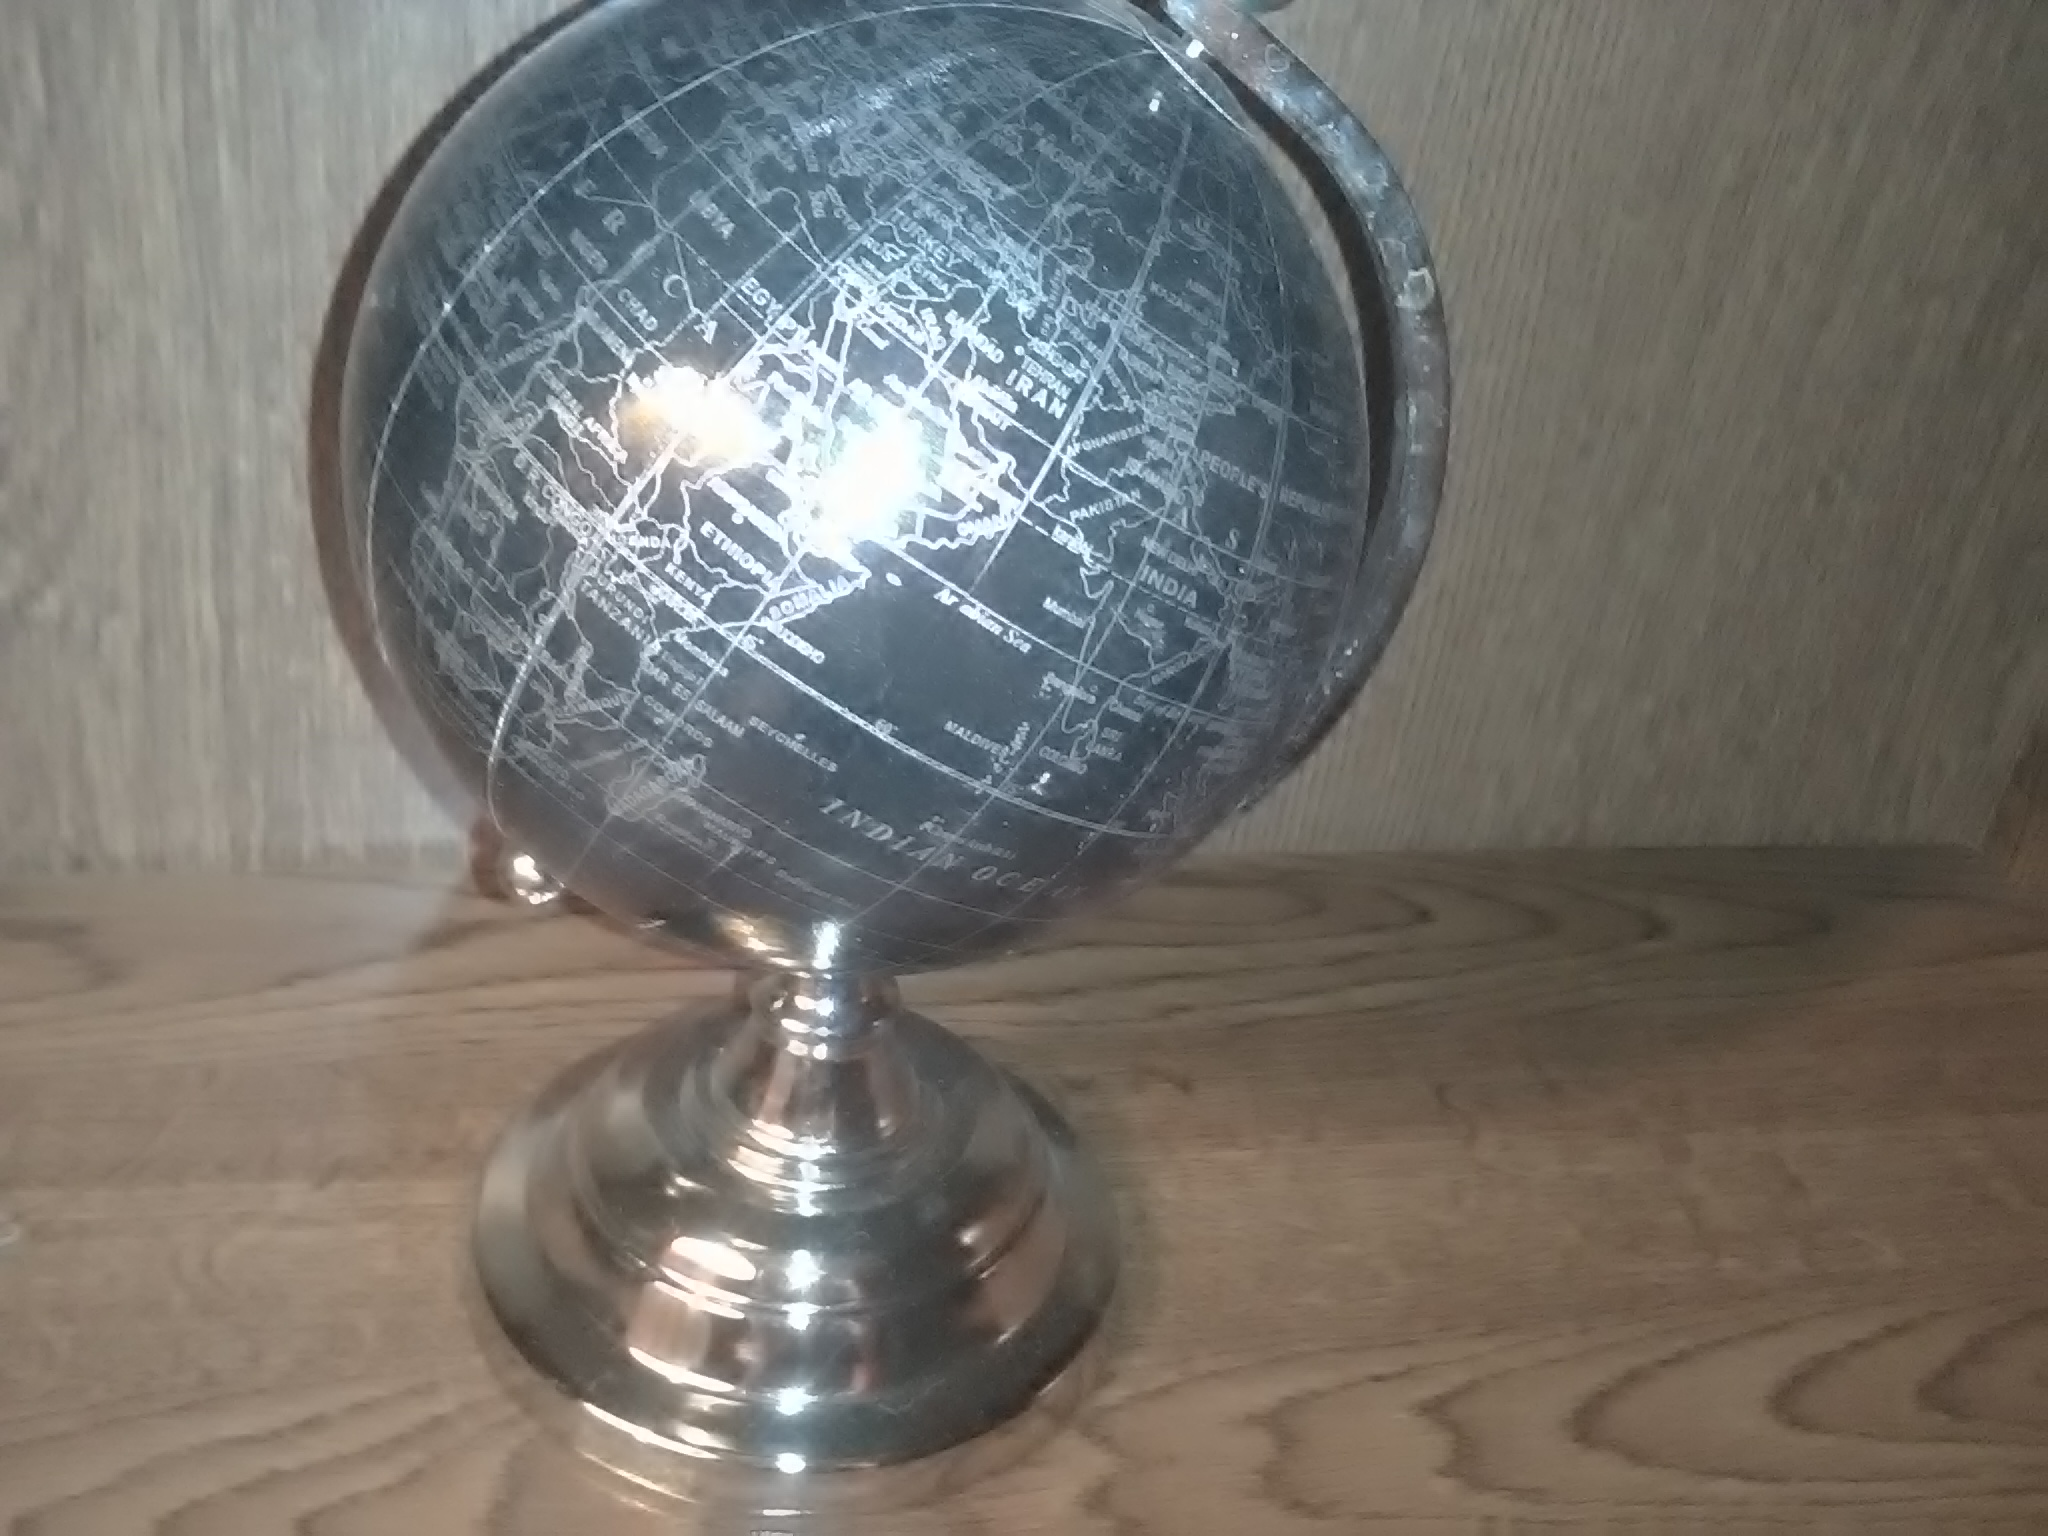 j 39 ai achet ce globe terrestre 450 euros sur le forum blabla 18 25 ans 31 01 2016 02 12 37. Black Bedroom Furniture Sets. Home Design Ideas